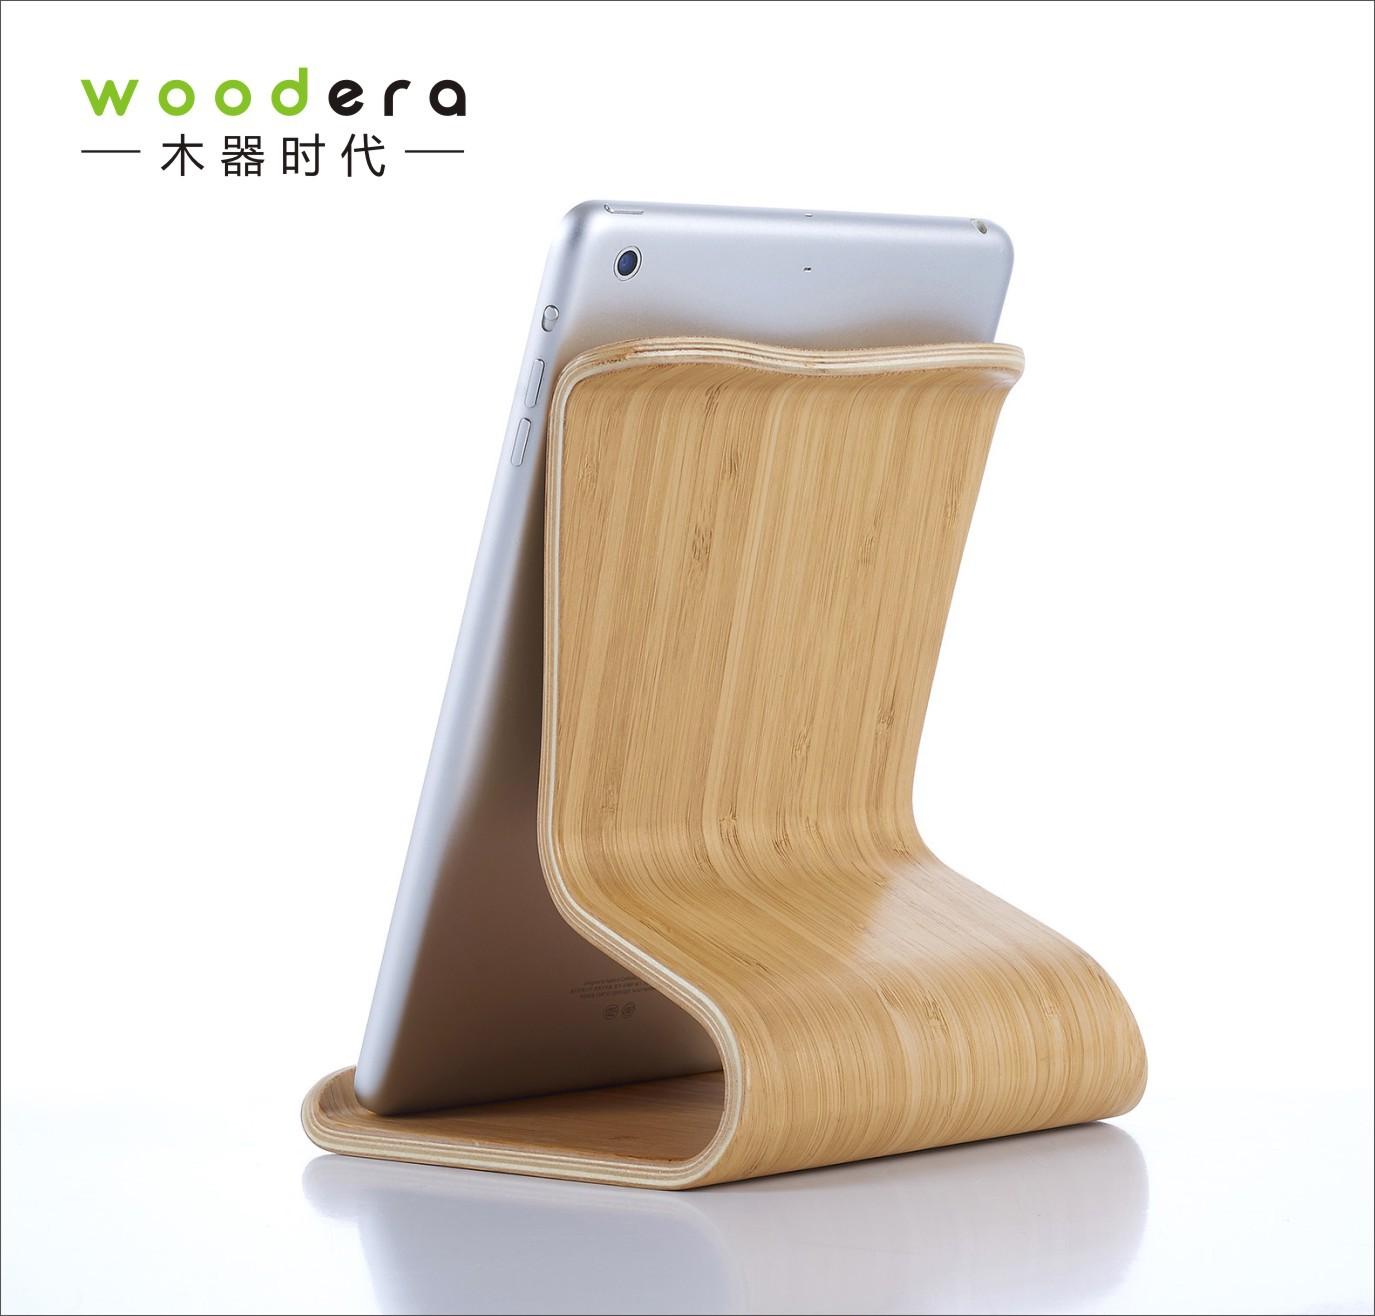 Wood era - Phụ kiện chống lưng máy tính bảng bằng gỗ